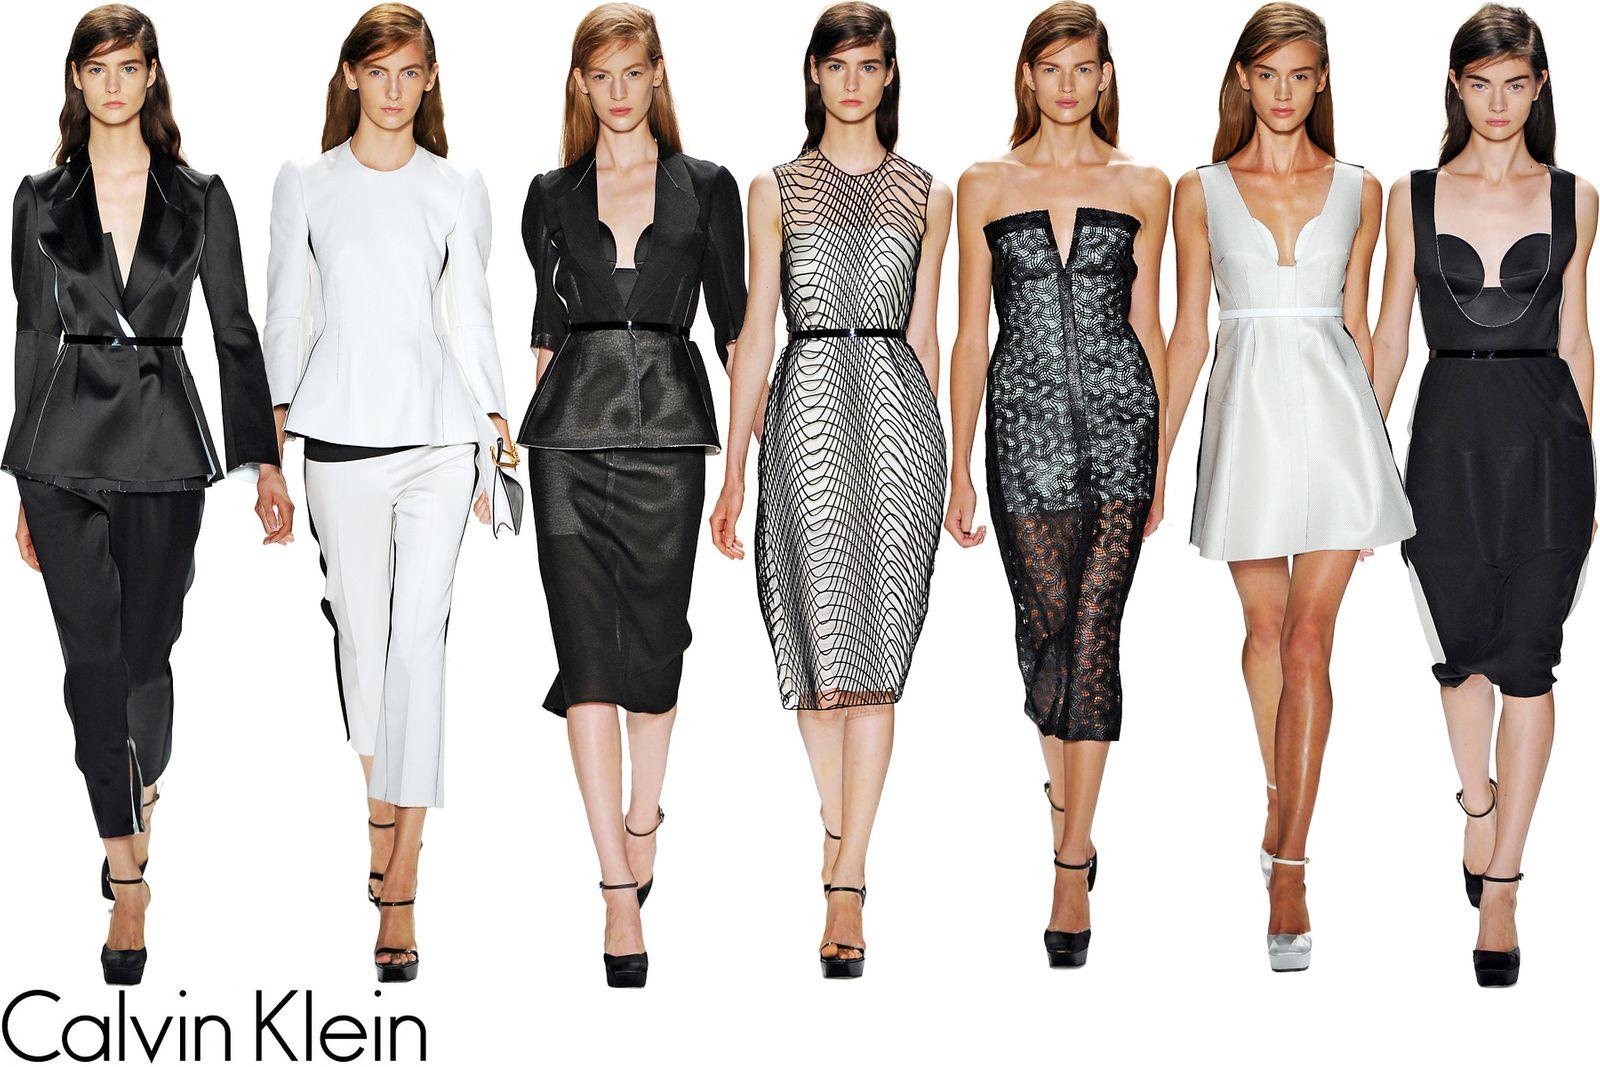 Calvin Klein Spring/Summer 2013 Collection